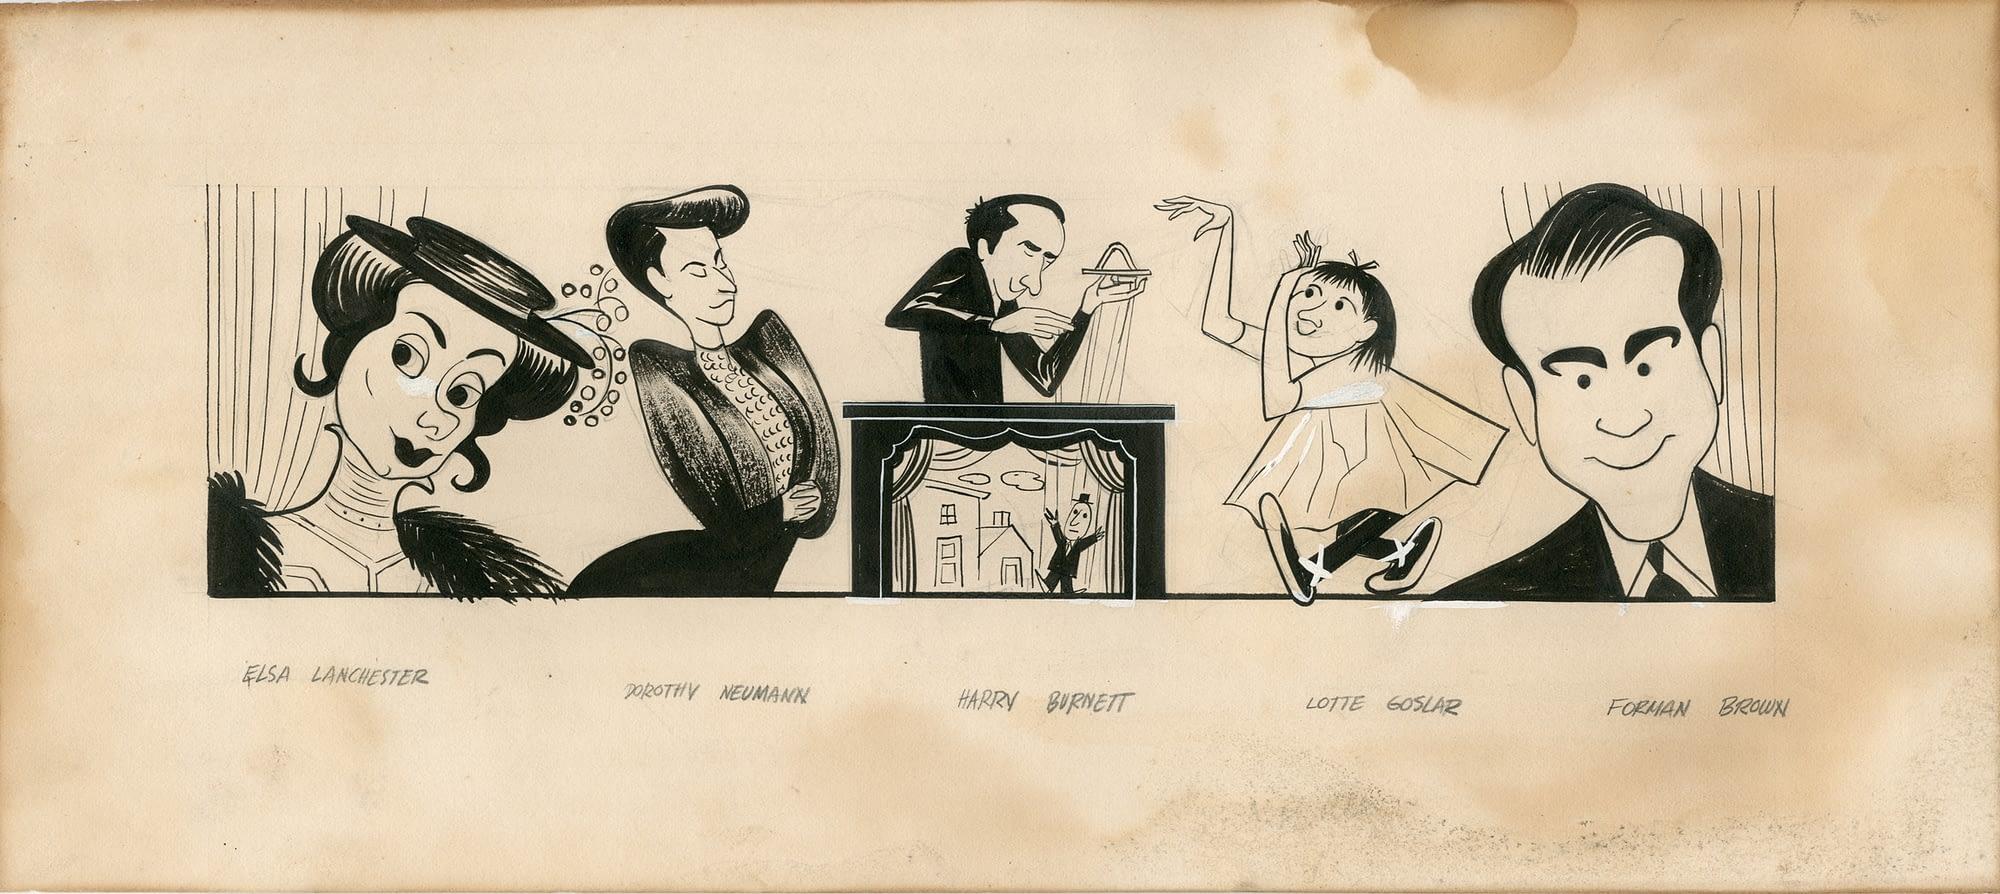 Original Artwork of Elsa Lanchester, Dorothy Neumann, Harry Burnett, Lotte Goslar, and Forman Brown